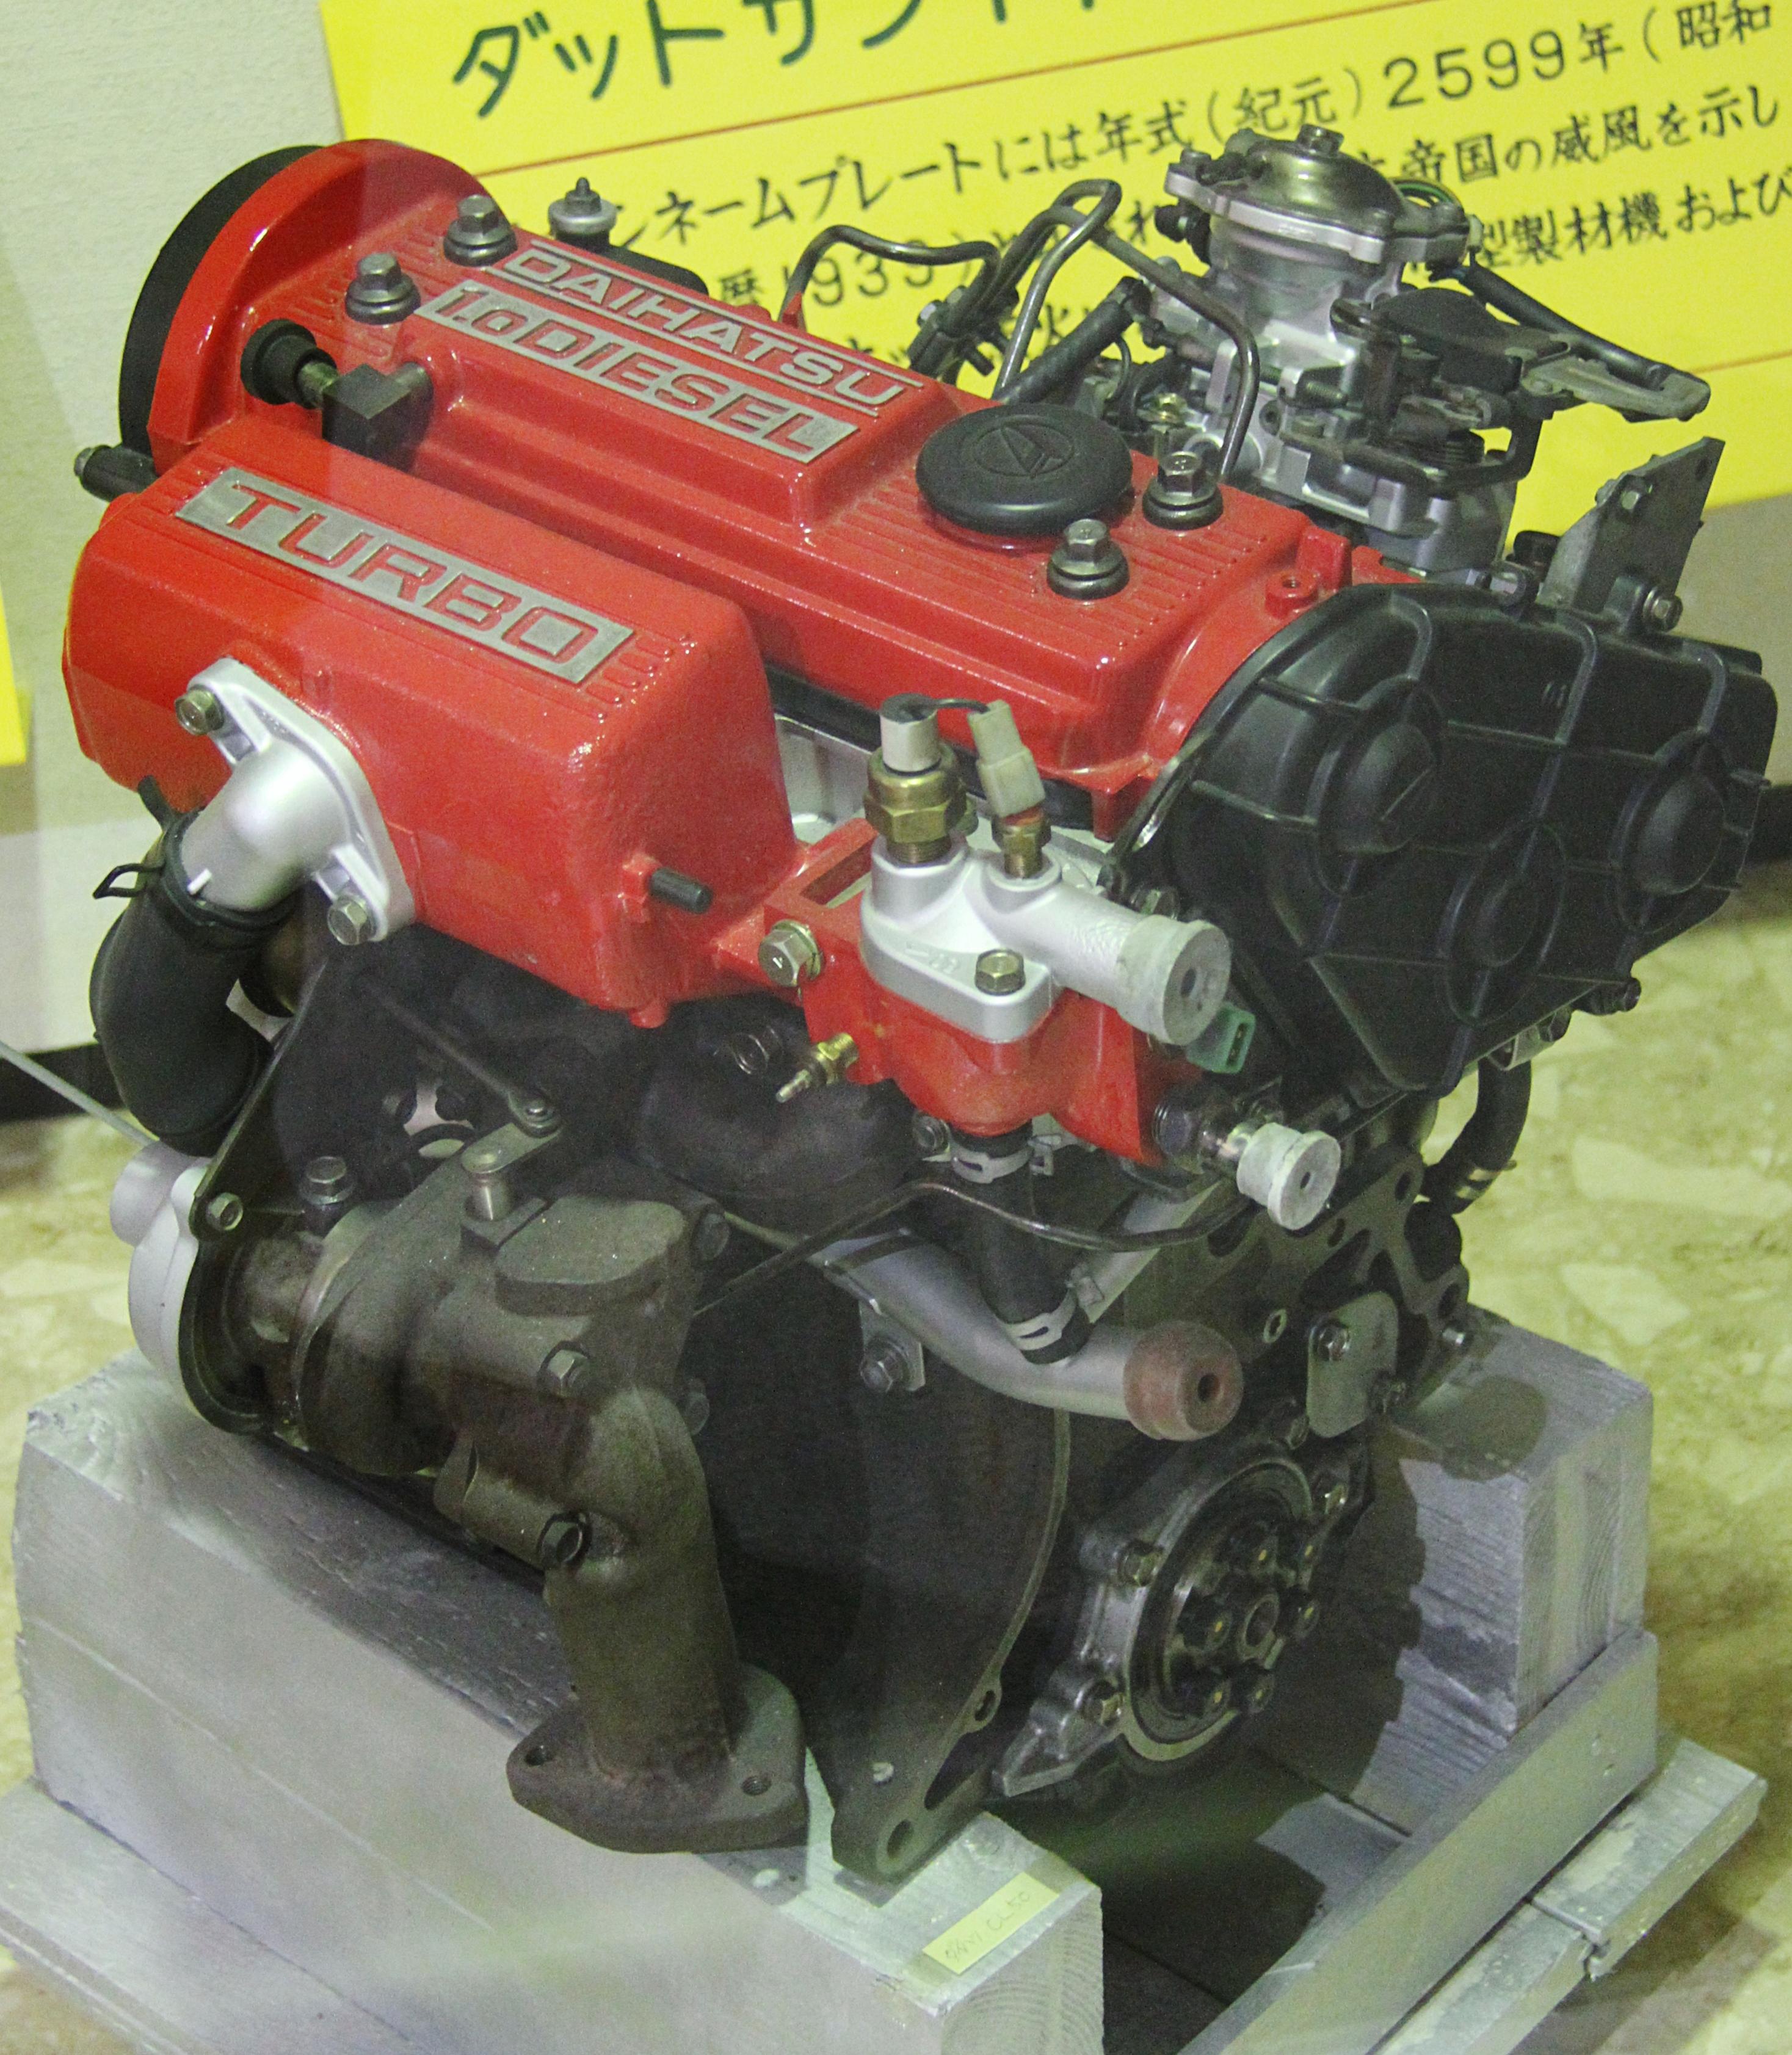 Daihatsu Motor: File:Daihatsu CL-50 Engine.jpg